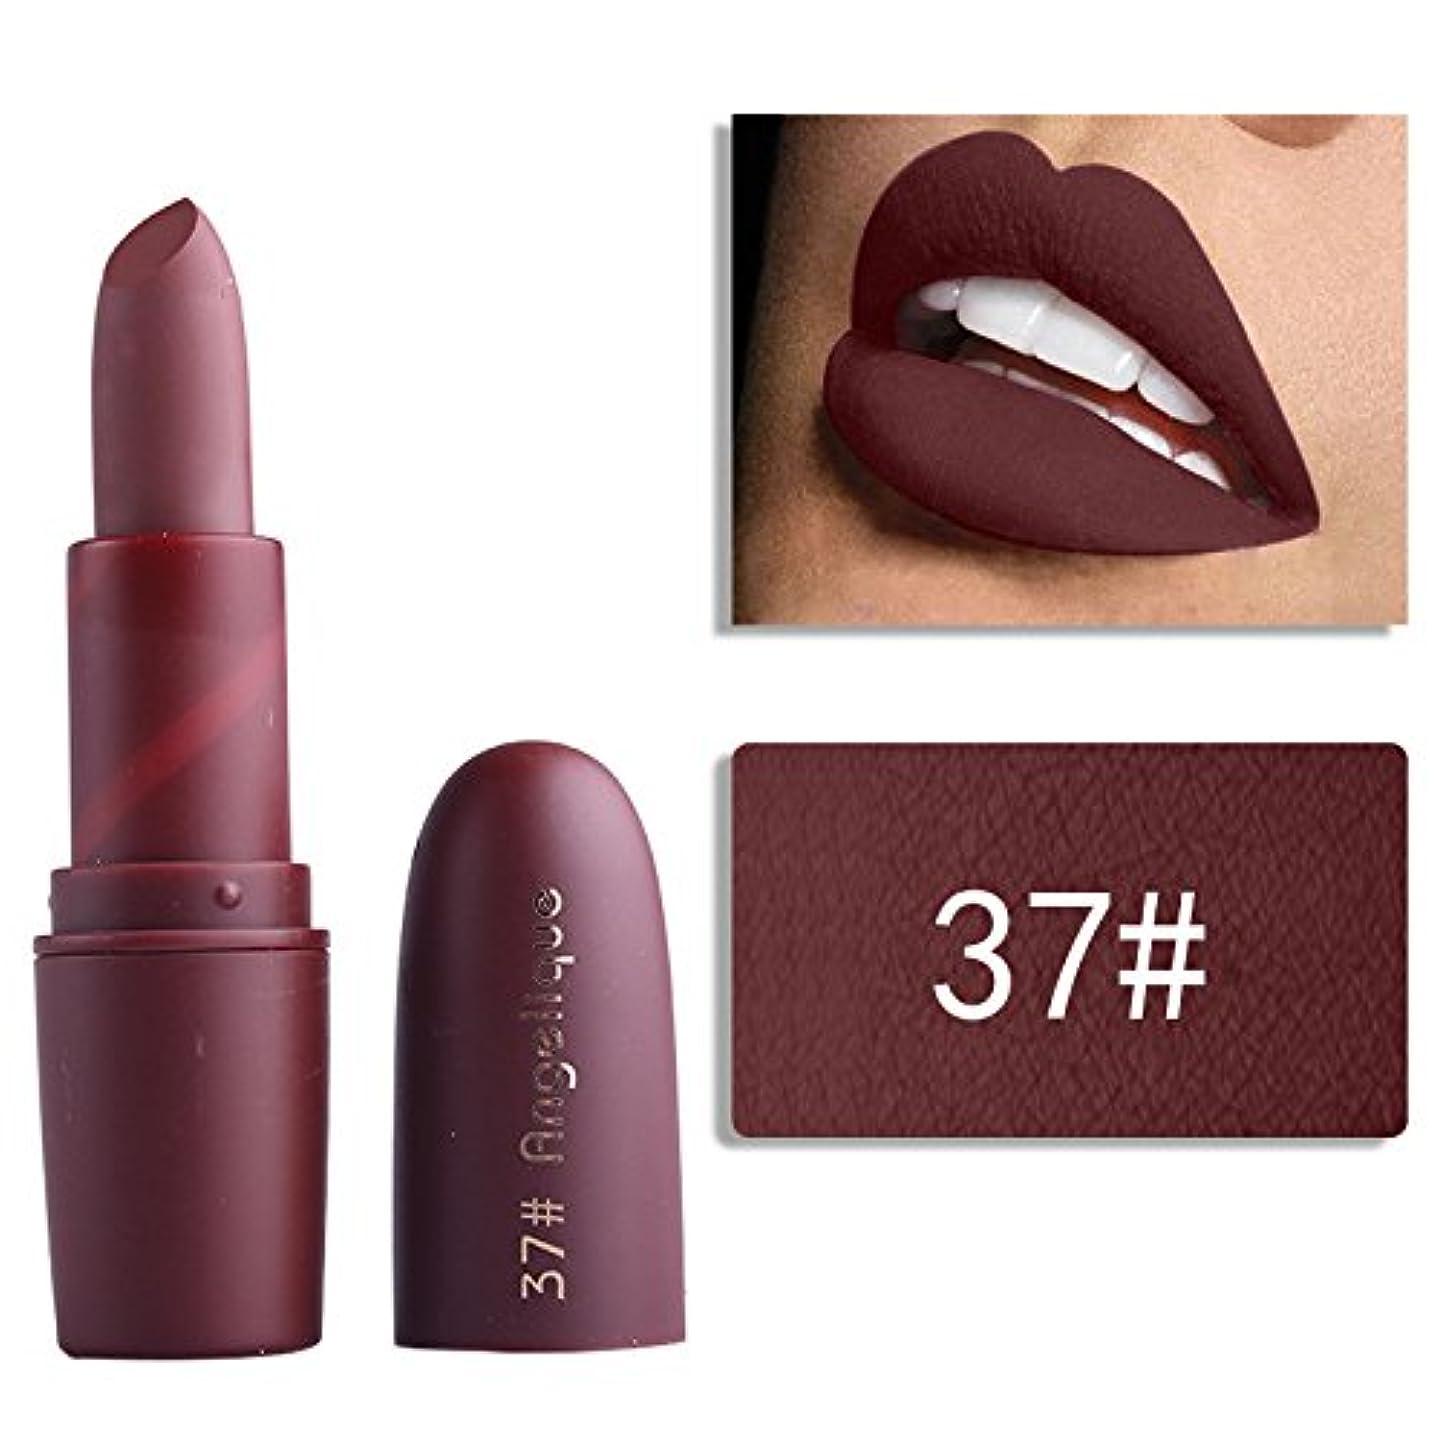 非互換ブースどうしたのMiss Rose Nude Lipstick 22 colors Waterproof Vampire Brown Beauty Baby Lips Batom Matte lipstick Makeup Tats Eugenie...